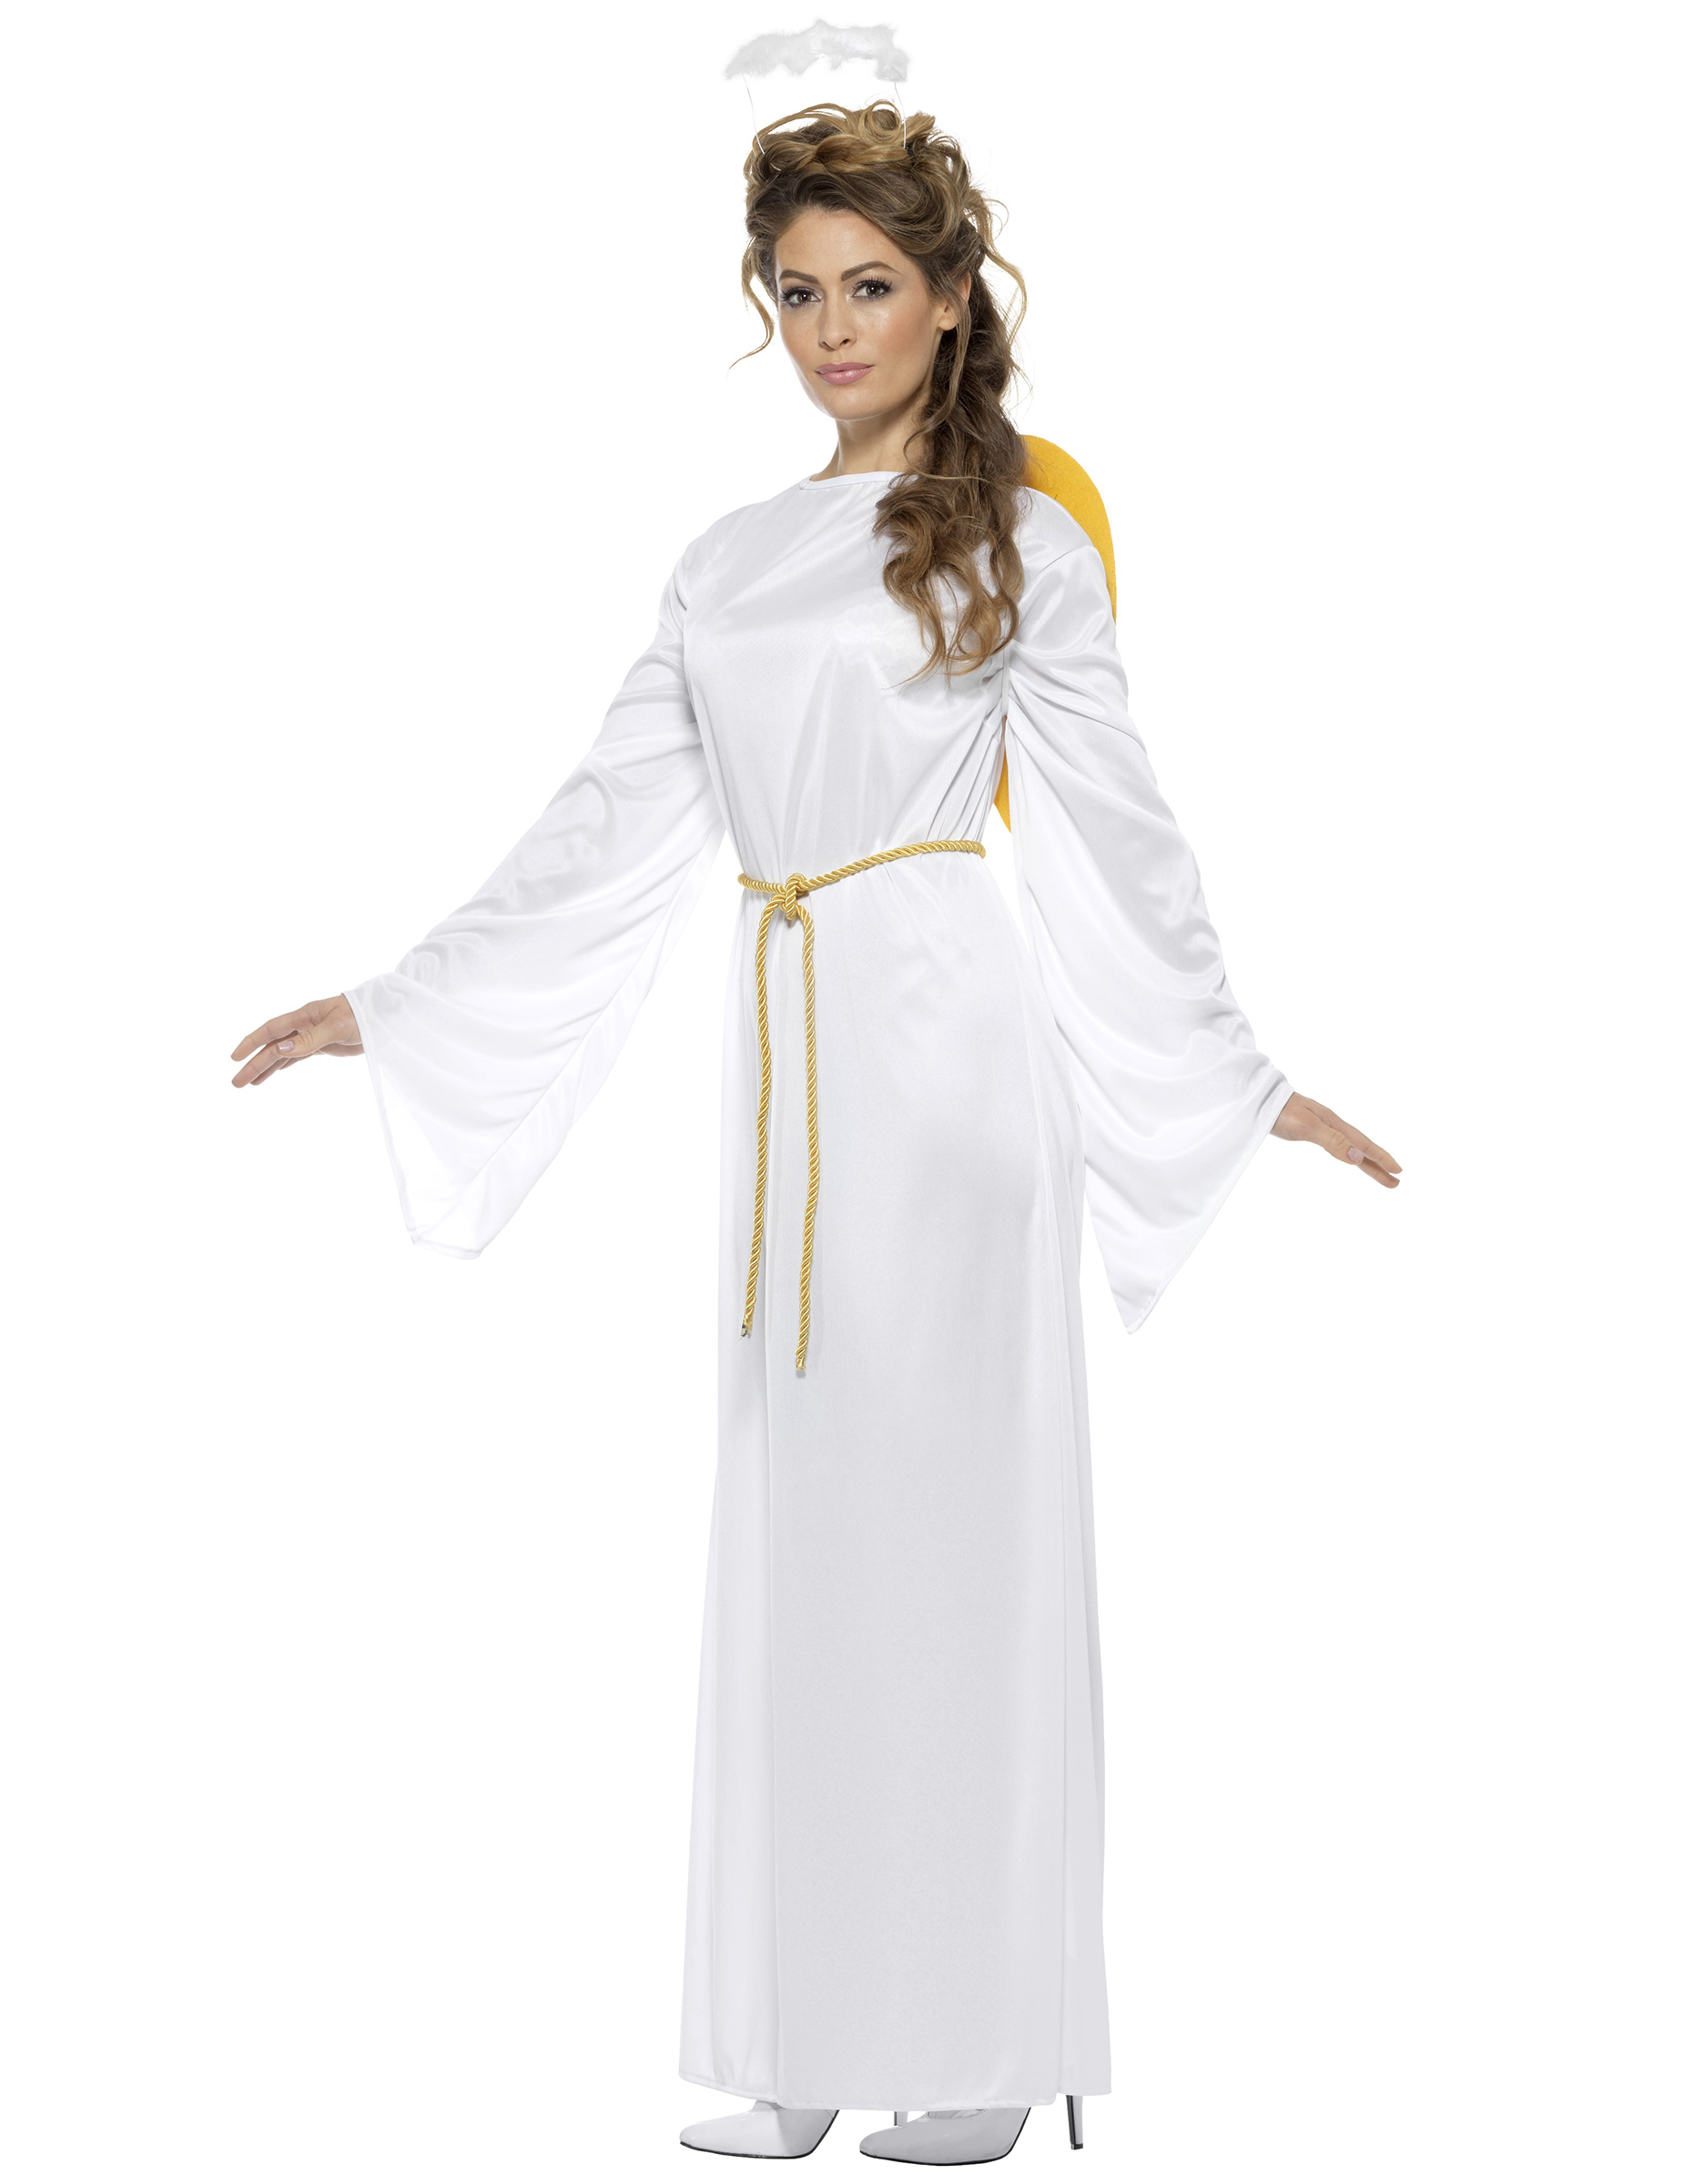 Déguisement ange blanc adulte Noël   Deguise-toi, achat de ... 442173c6fe4e